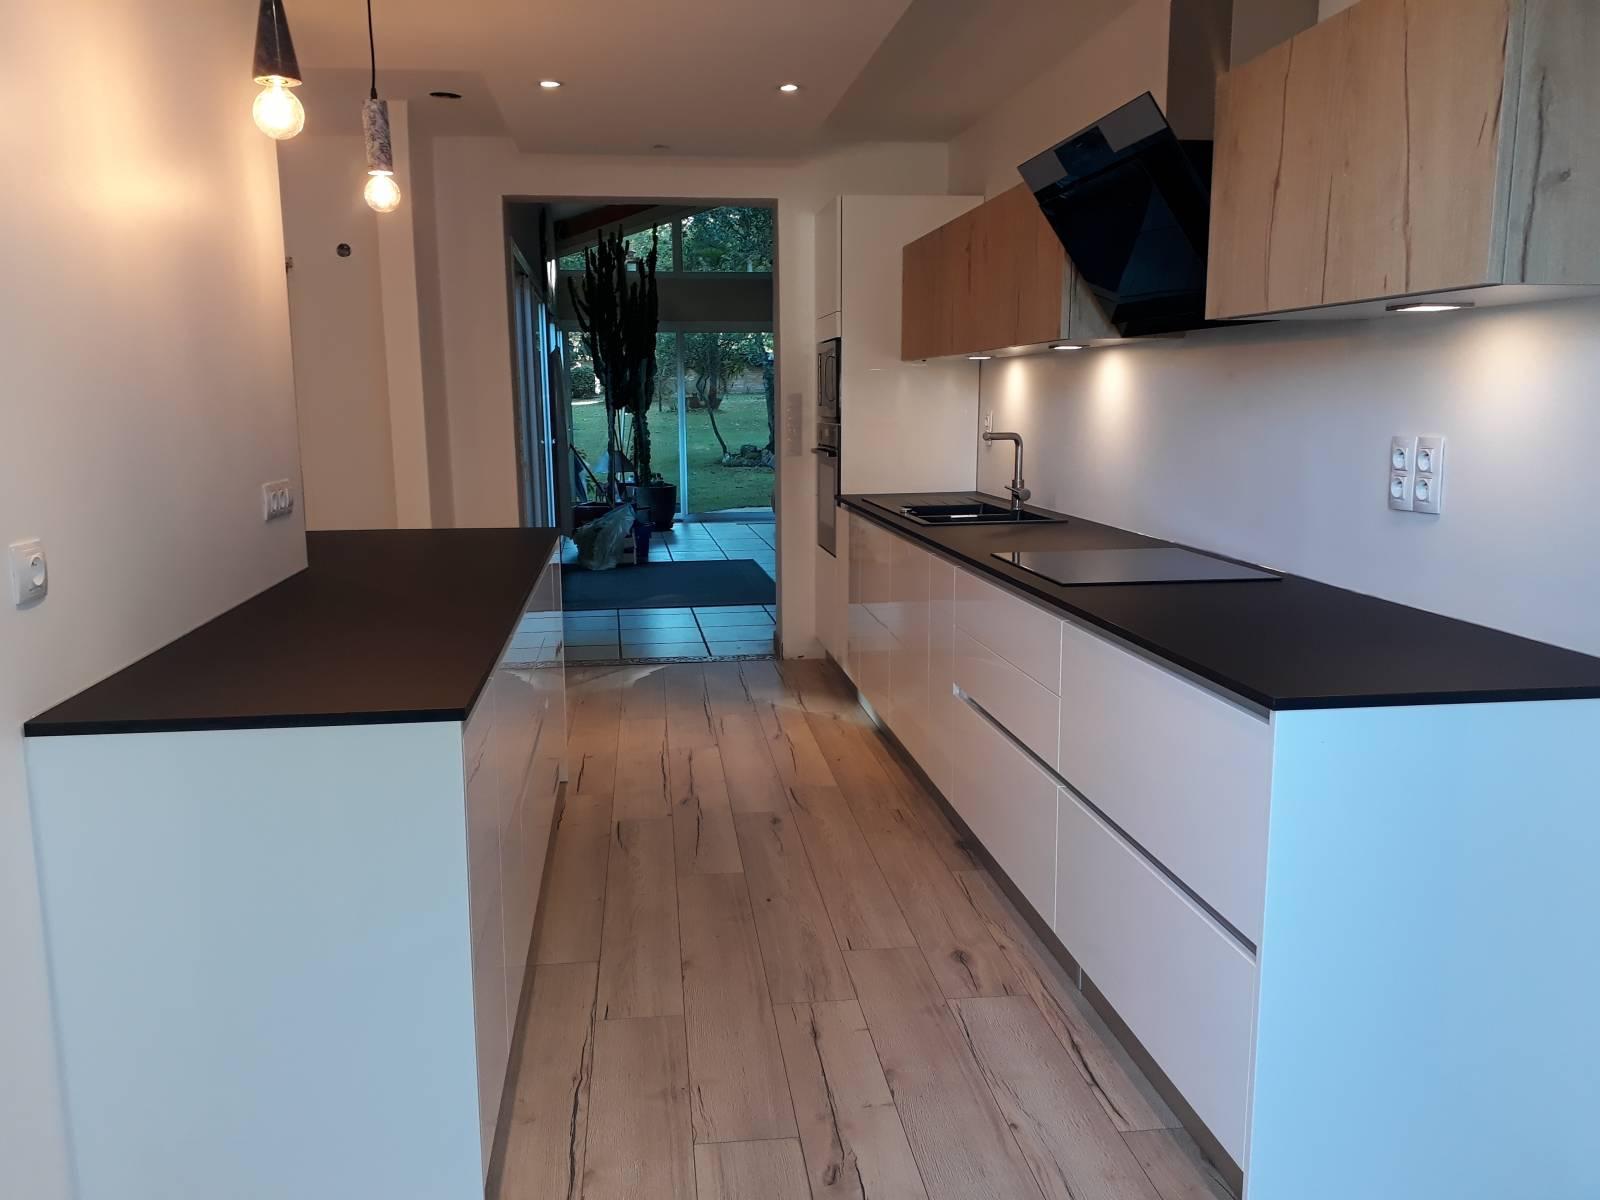 R alisation d 39 une cuisine en laque blanche et bois avec - Cuisine blanche avec plan de travail bois ...